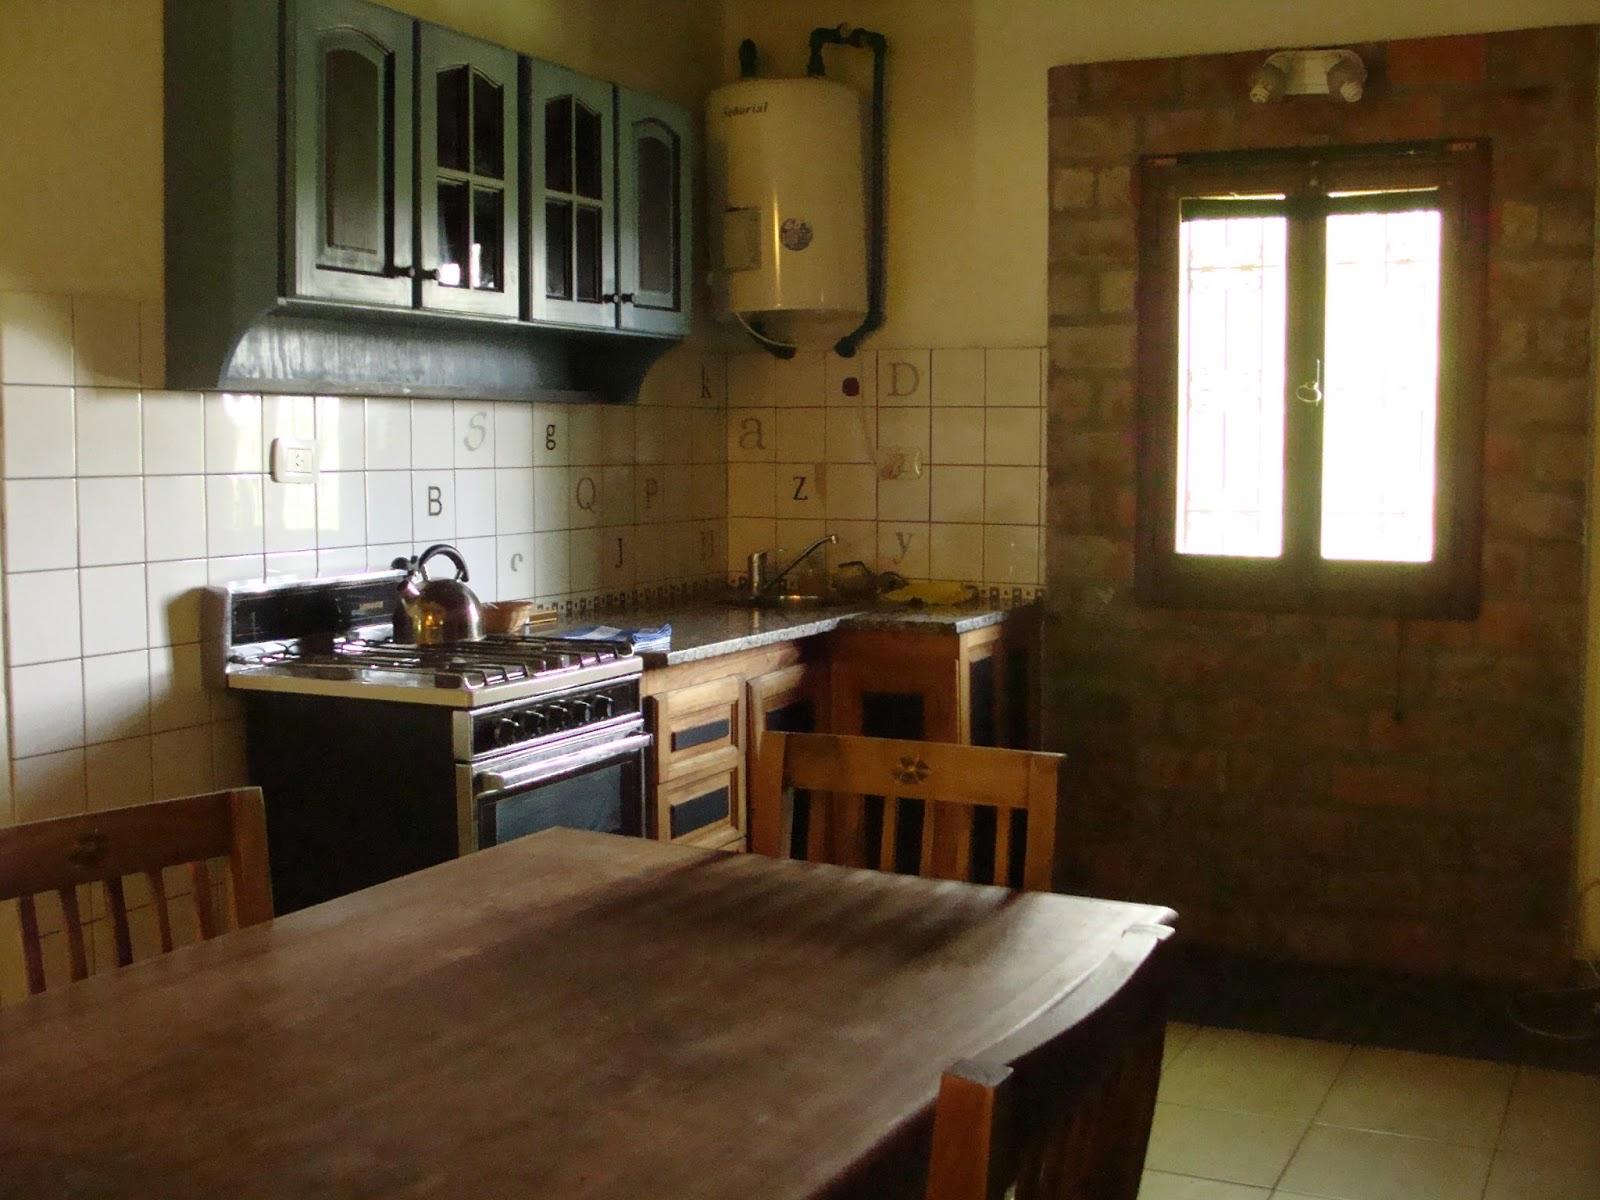 Lujo Planes Insulares Cocina De La Cabaña Friso - Ideas de ...